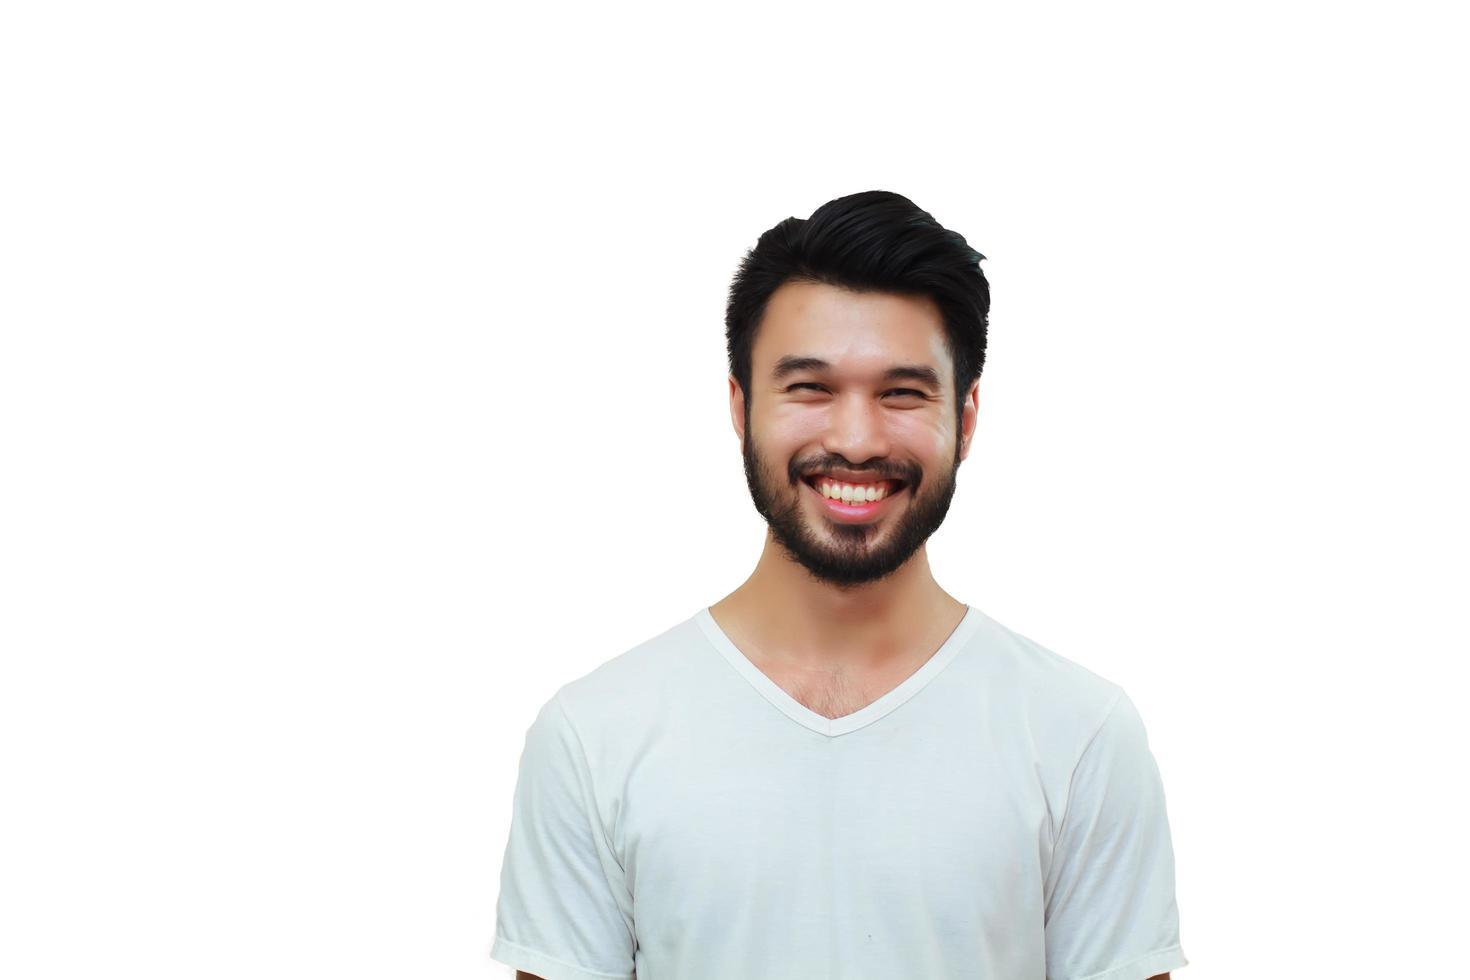 asiatischer schöner Mann mit einem Schnurrbart lächelnd und lachend lokalisiert auf weißem Hintergrund foto